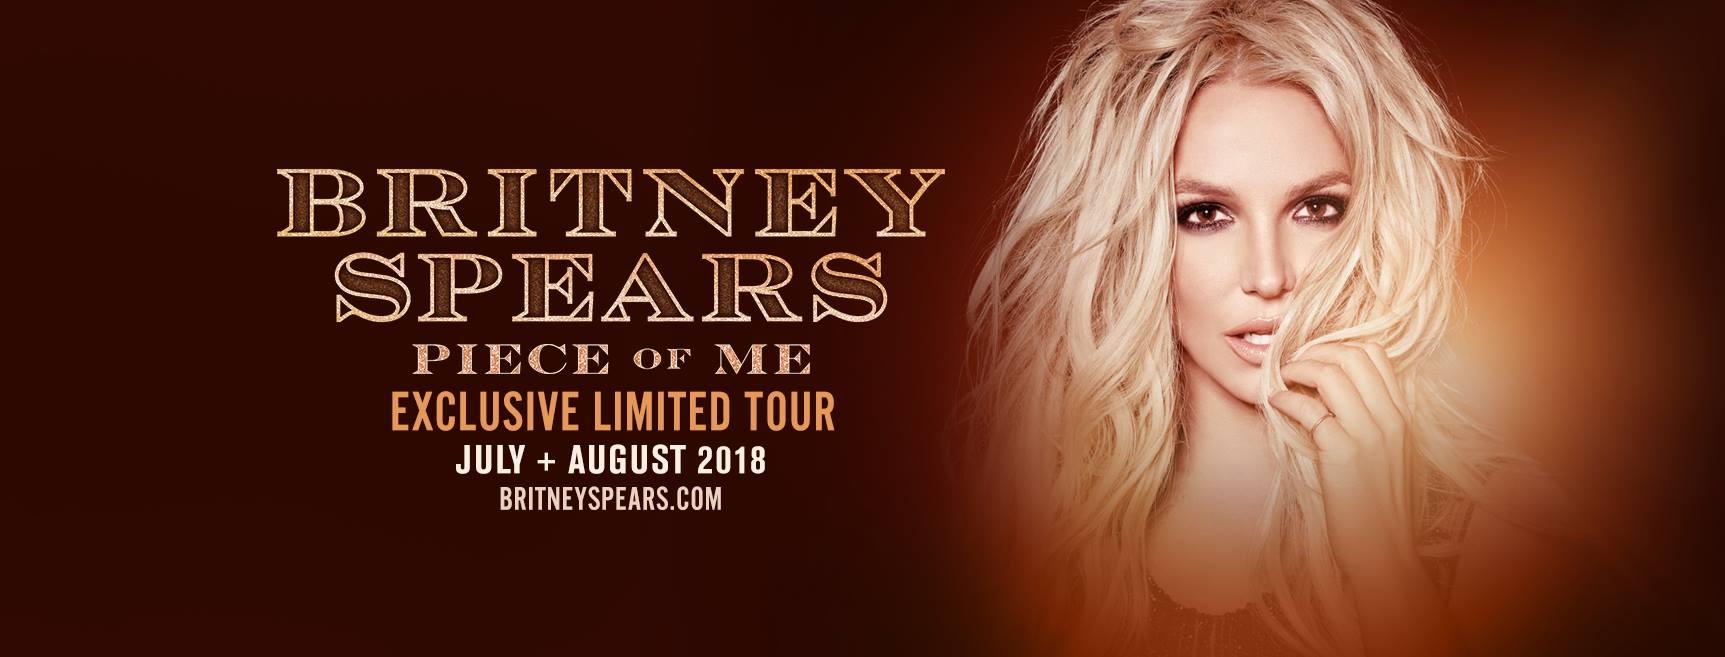 What Now Tour Dates Atlanta